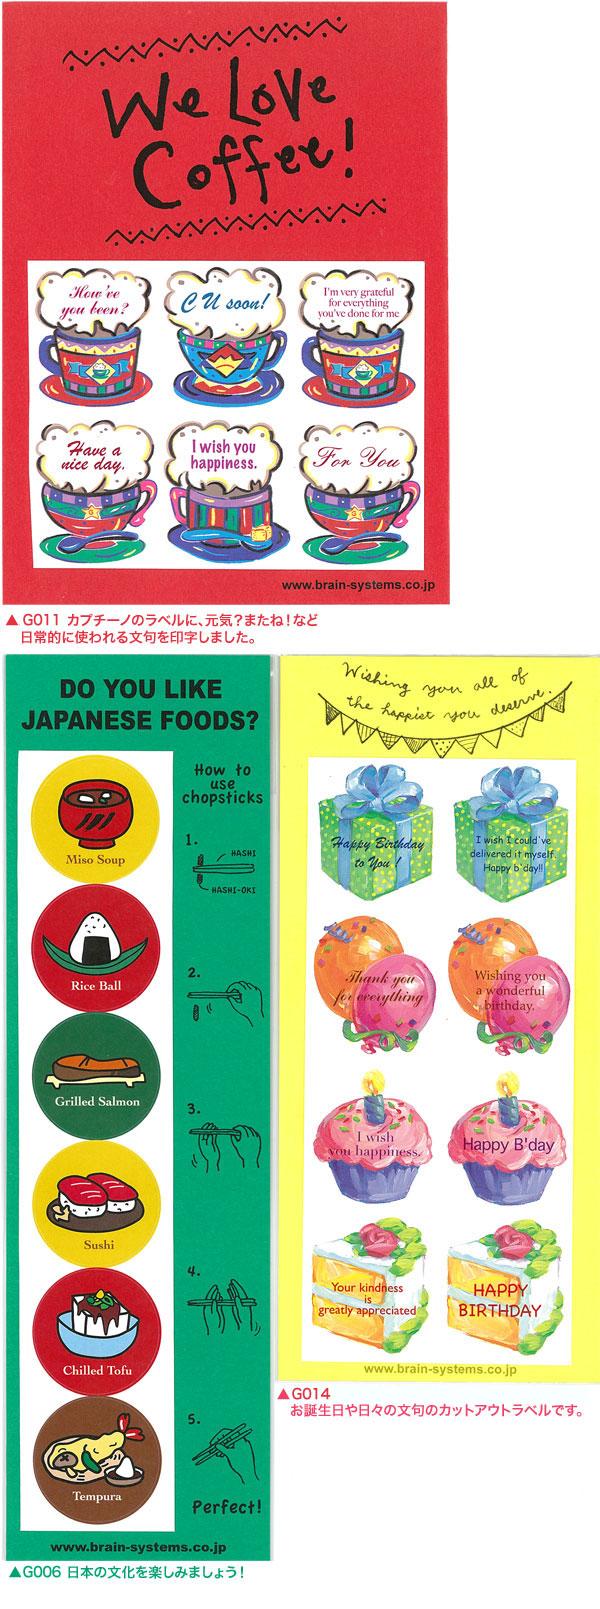 210円です!_d0225198_18141319.jpg